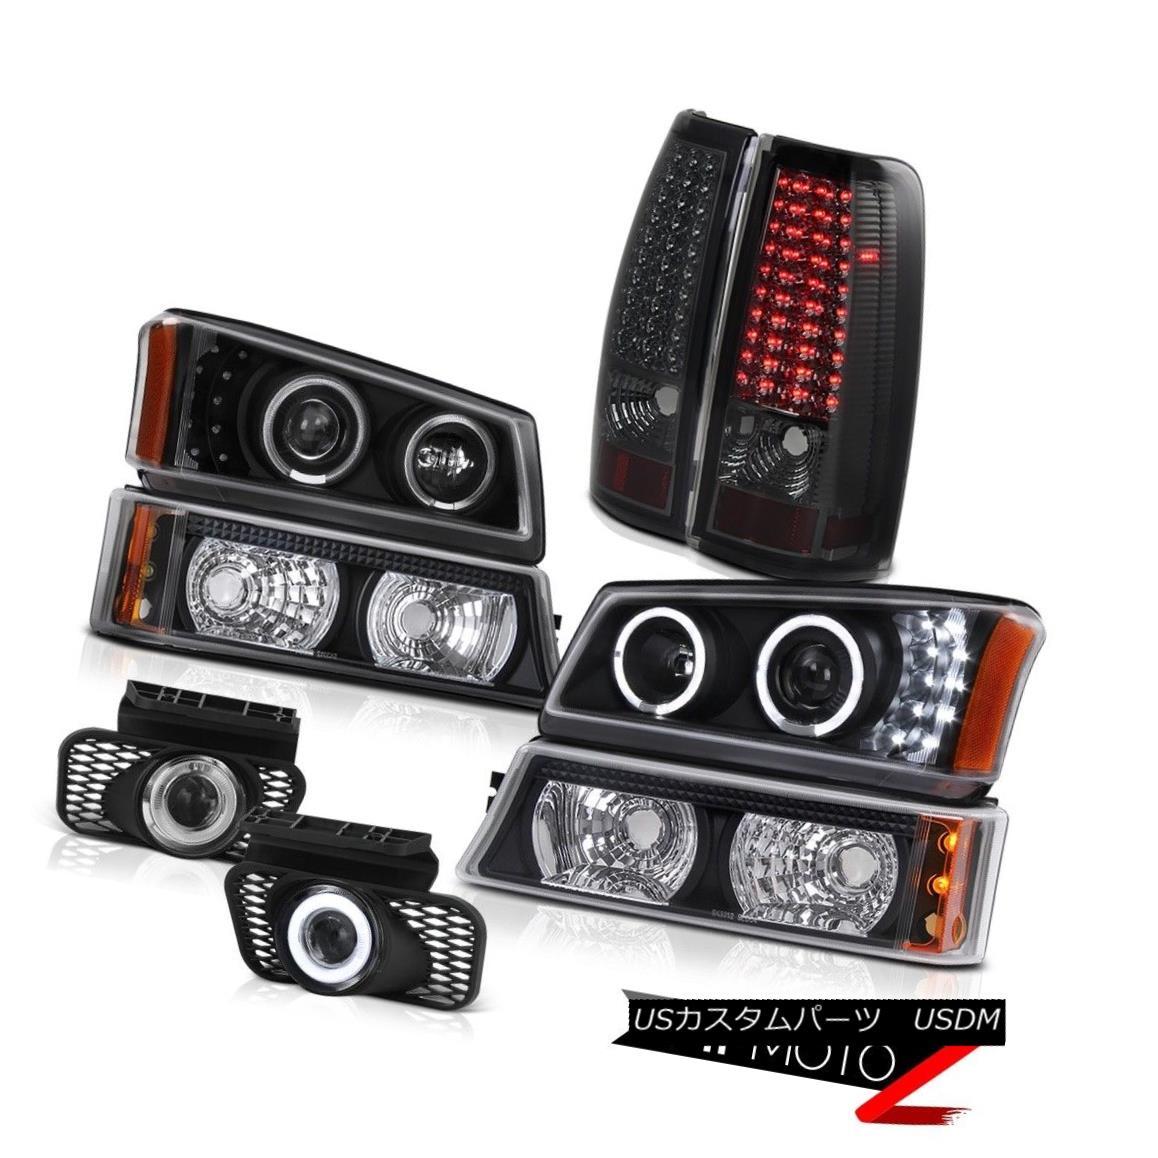 テールライト Black Headlight Projector Smoke Brake Tail Light Foglight 2003-2006 Silverado LT ブラックヘッドライトプロジェクタースモークブレーキテールライトFoglight 2003-2006 Silverado LT